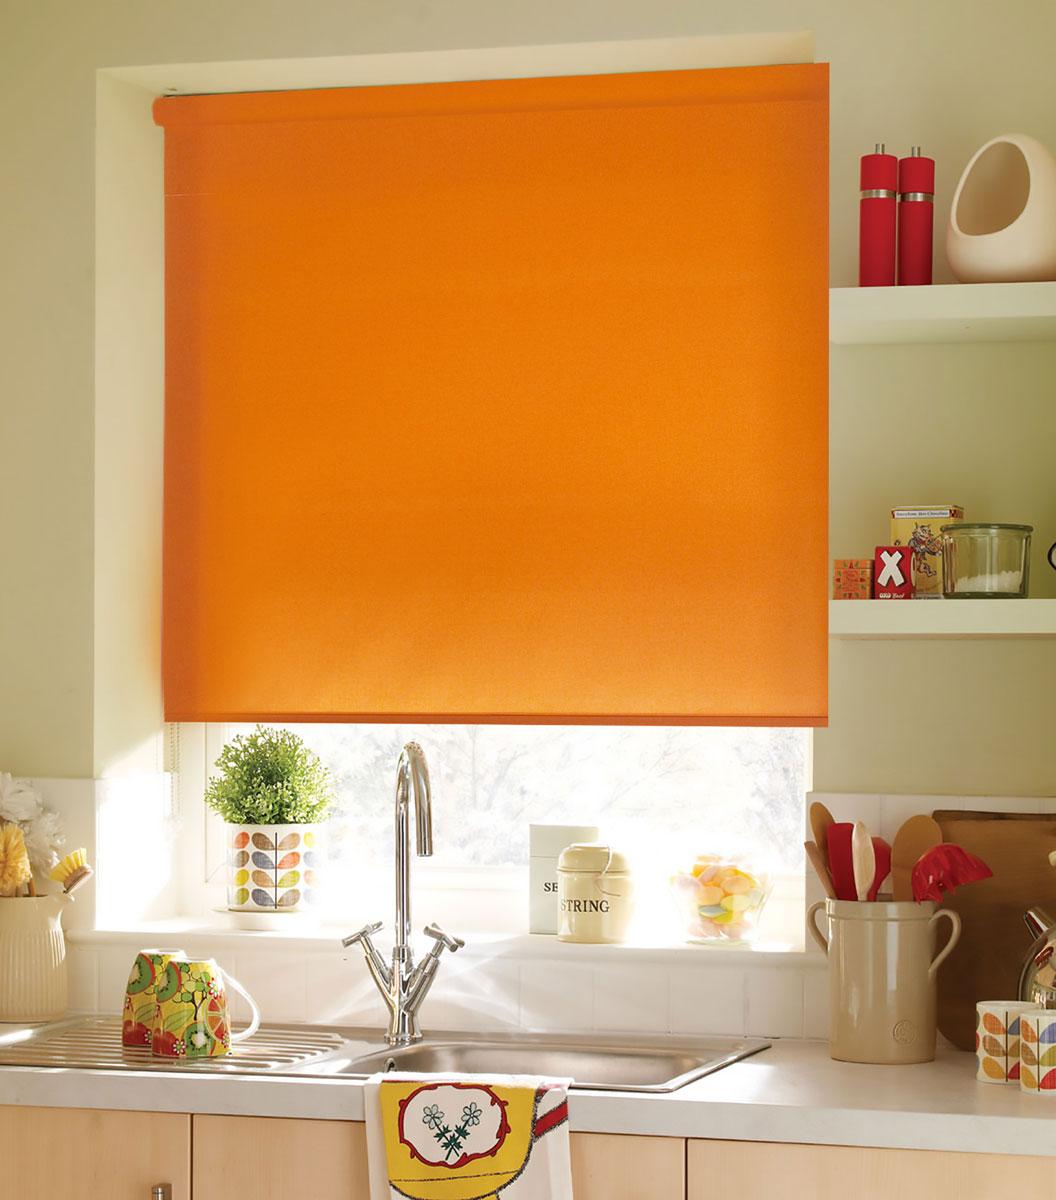 Штора рулонная KauffOrt Миниролло, цвет: оранжевый, ширина 73 см, высота 170 см3073203Рулонная штора KauffOrt Миниролло выполнена из высокопрочной ткани, которая сохраняет свой размер даже при намокании. Ткань не выцветает и обладает отличной цветоустойчивостью.Миниролло - это подвид рулонных штор, который закрывает не весь оконный проем, а непосредственно само стекло. Такие шторы крепятся на раму без сверления при помощи зажимов или клейкой двухсторонней ленты (в комплекте). Окно остается на гарантии, благодаря монтажу без сверления. Такая штора станет прекрасным элементом декора окна и гармонично впишется в интерьер любого помещения.